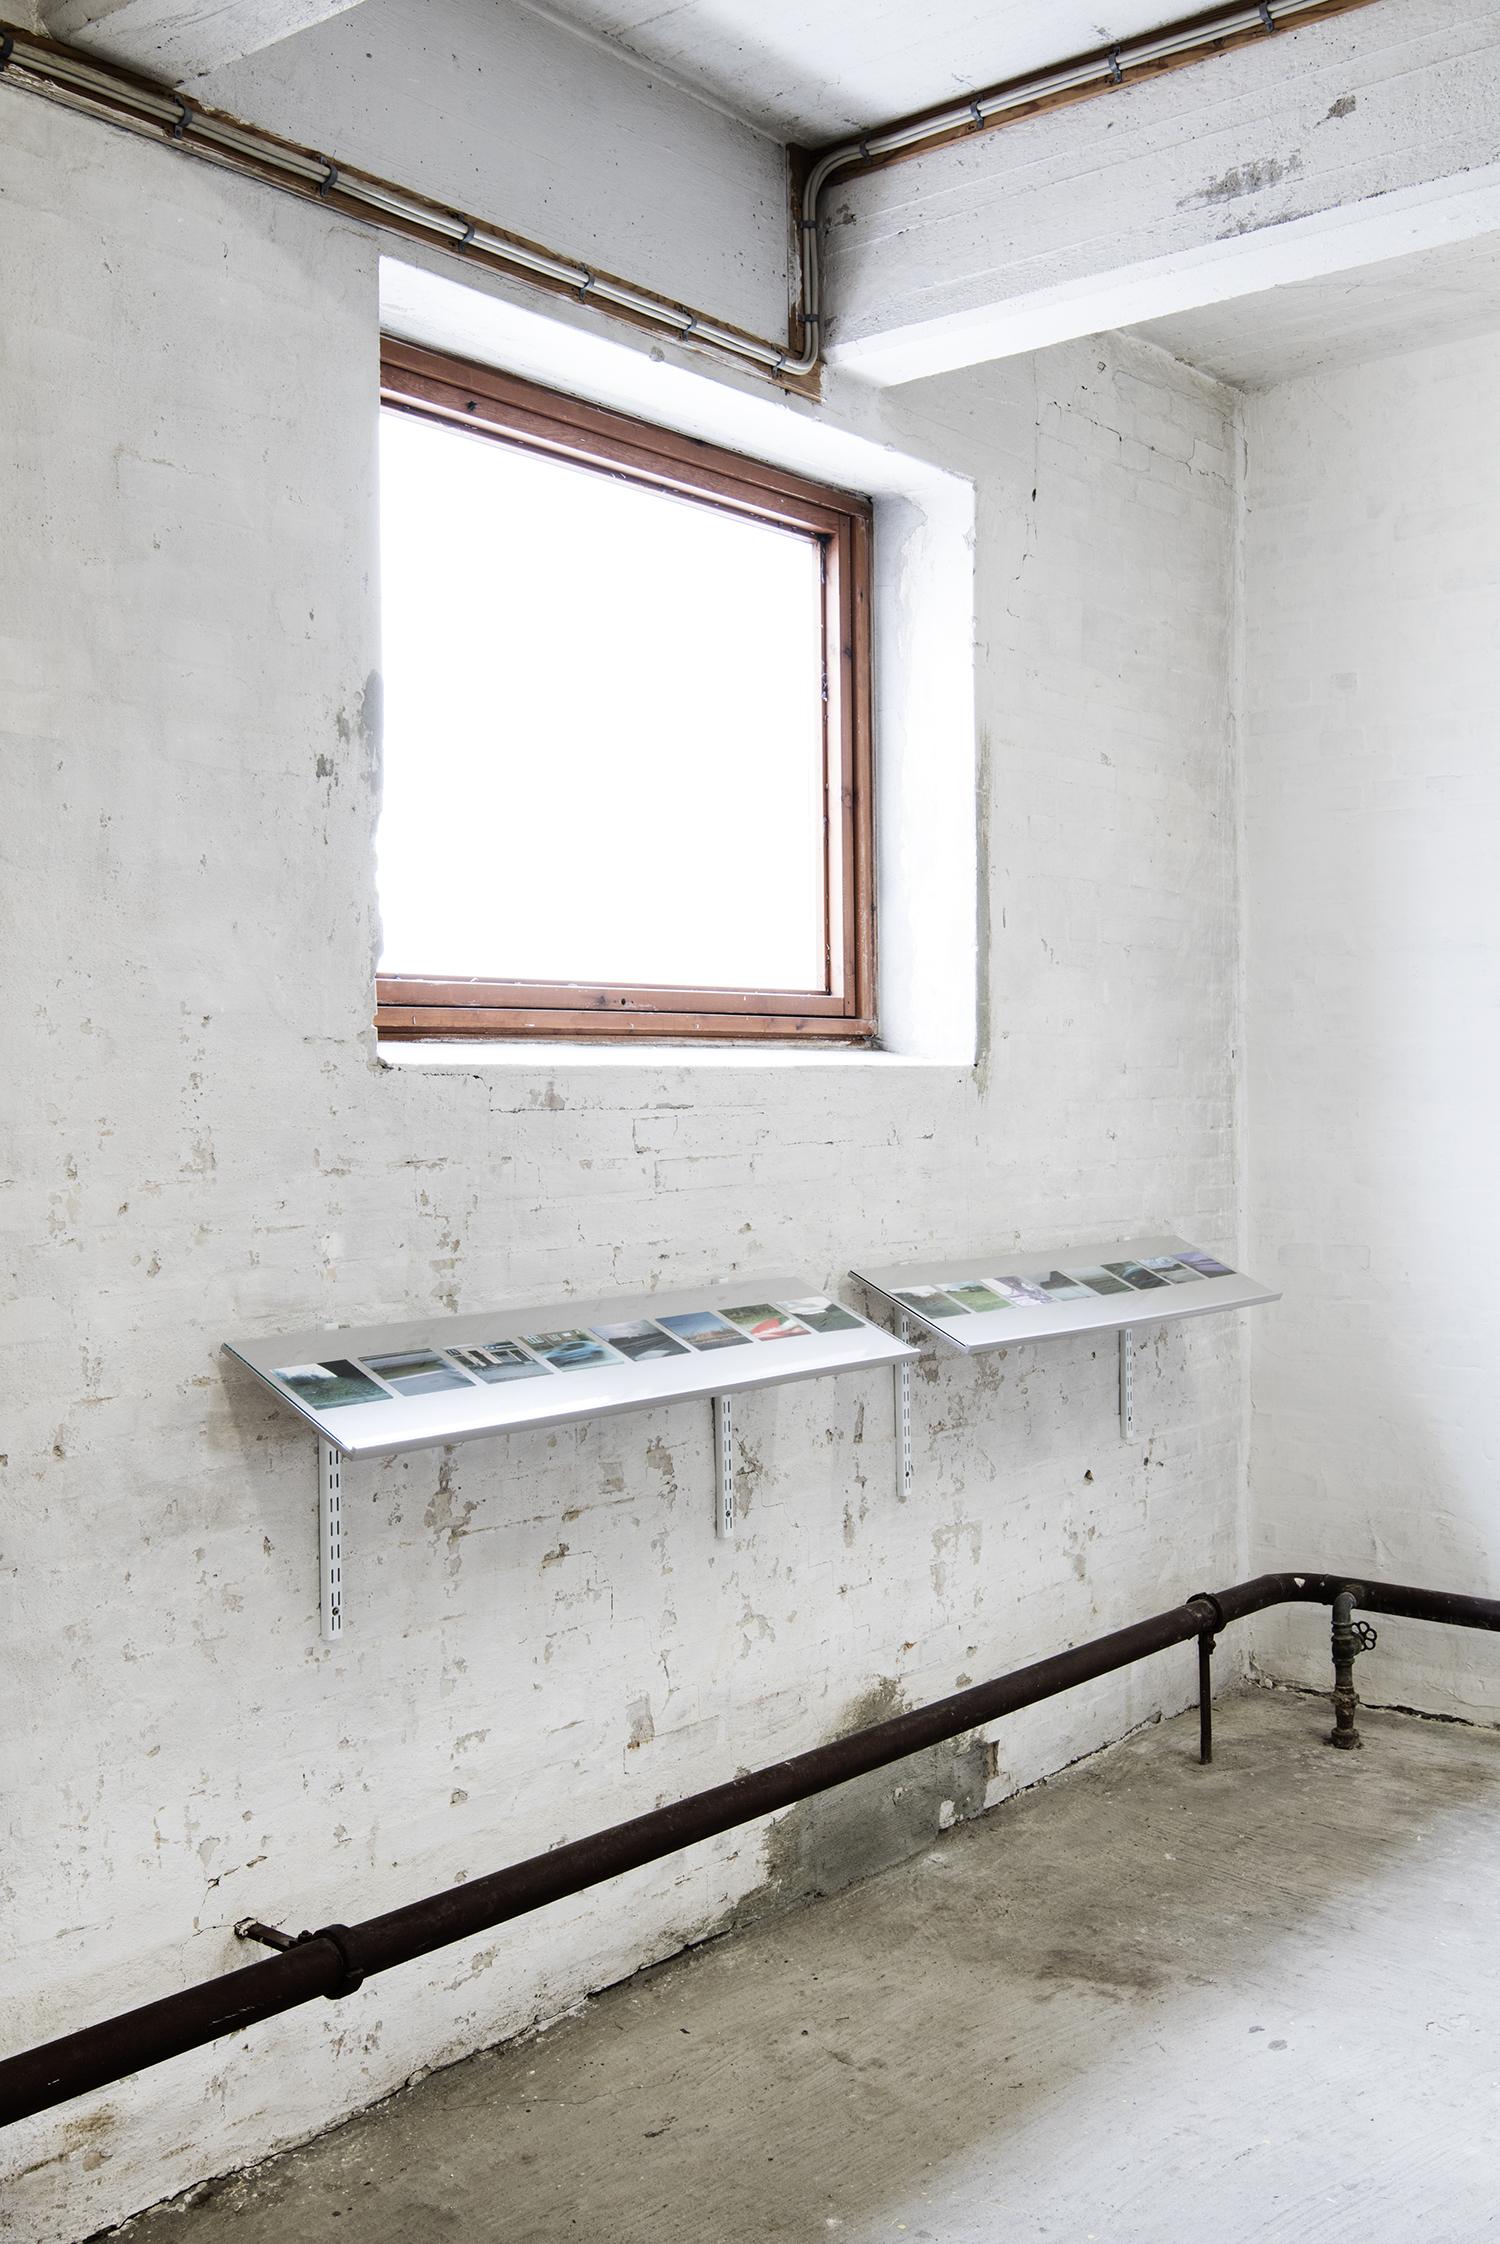 """Mathias Sæderup """"Billede033 2-DBT-4-2019, Billede031 kopi 3-DBT-4-2016, Billede020 3-DBT-4-2019 …� Foto: I DO ART Agency."""